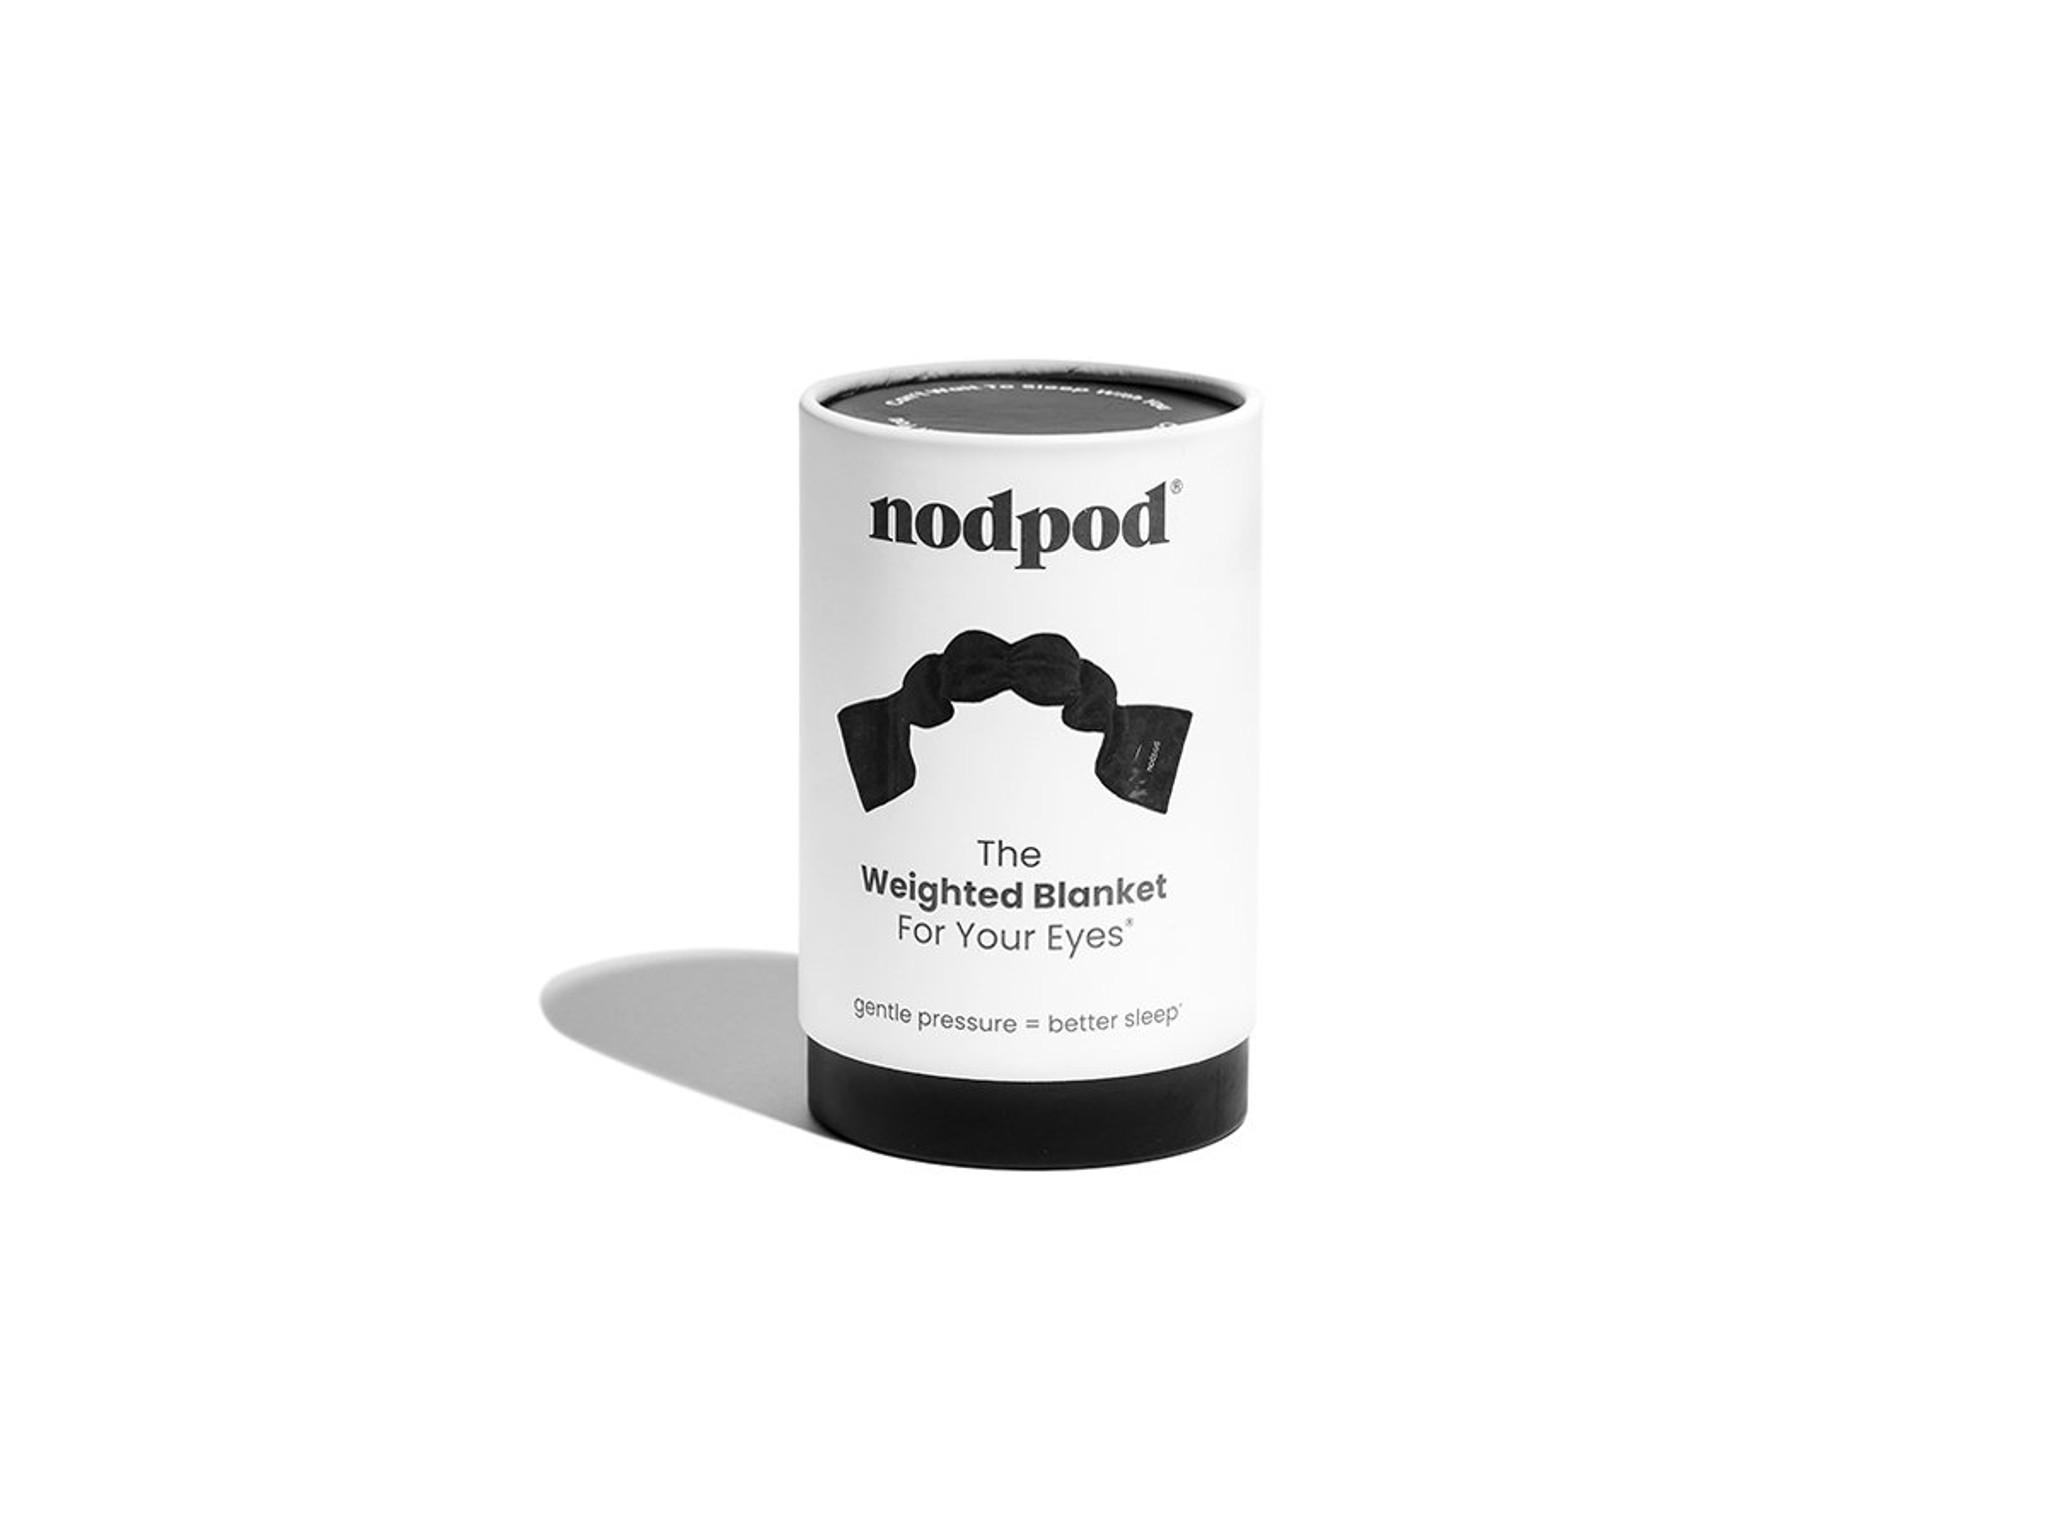 Nodpod Weighted Eye Blanket